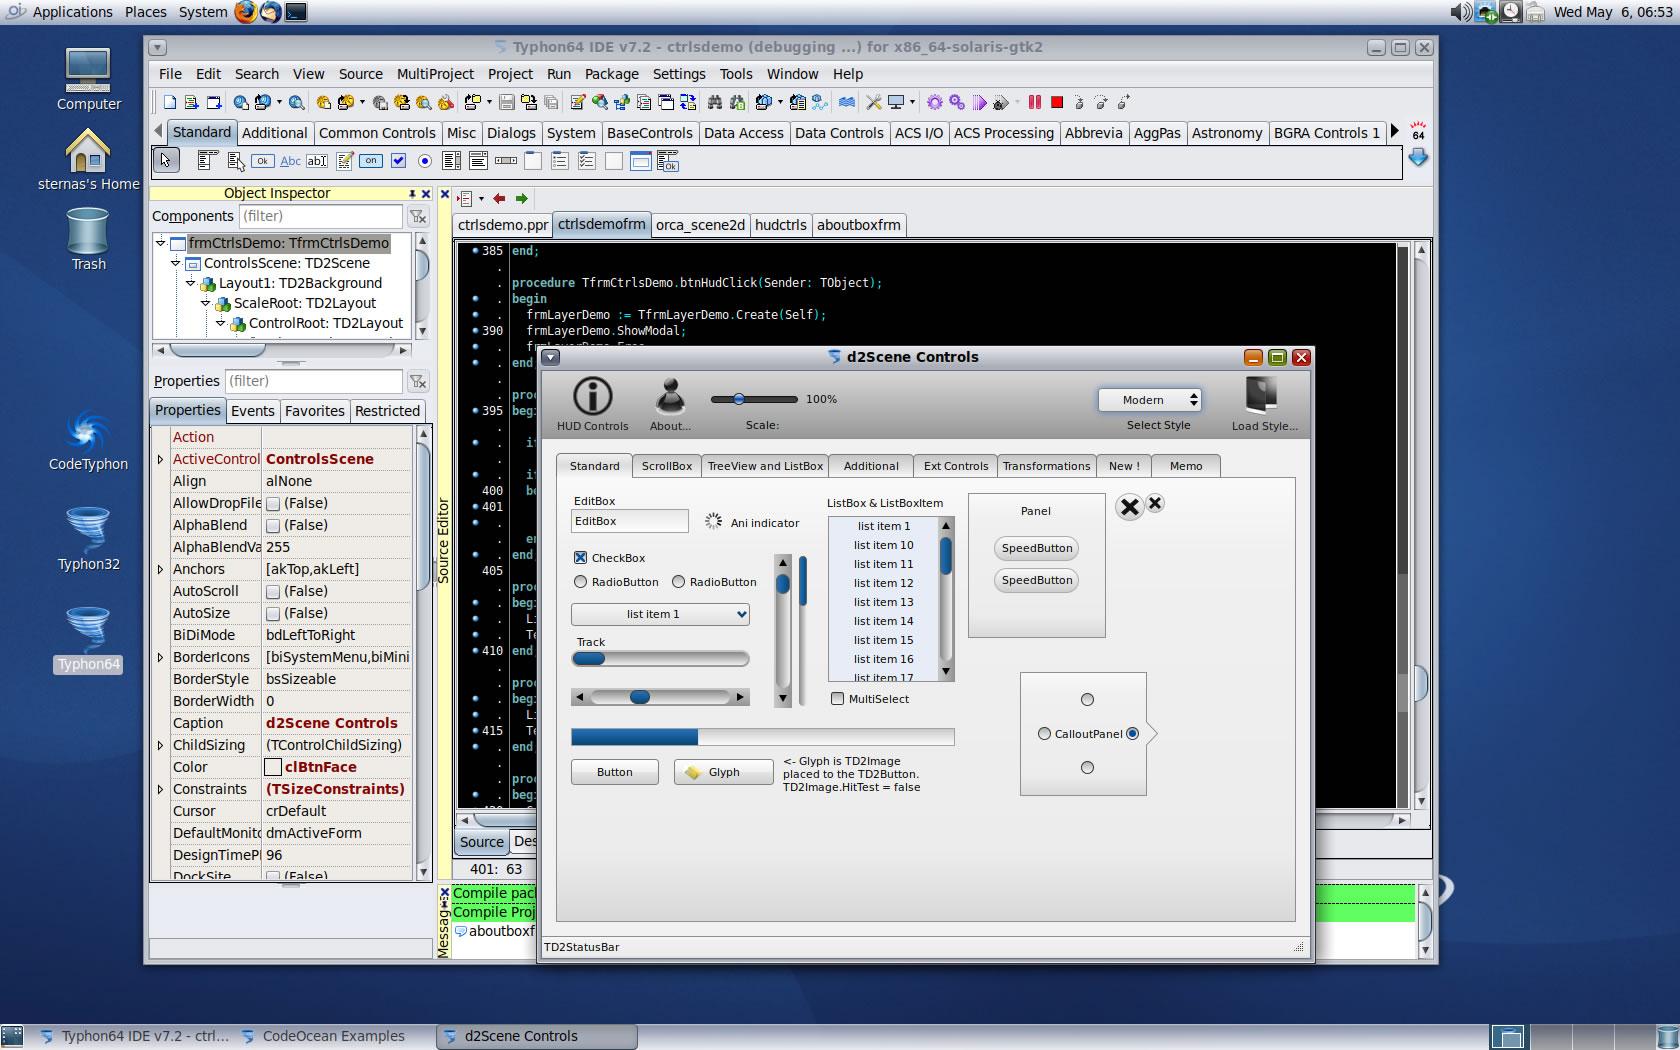 OpenIndiana-2020-05-06-3.jpg